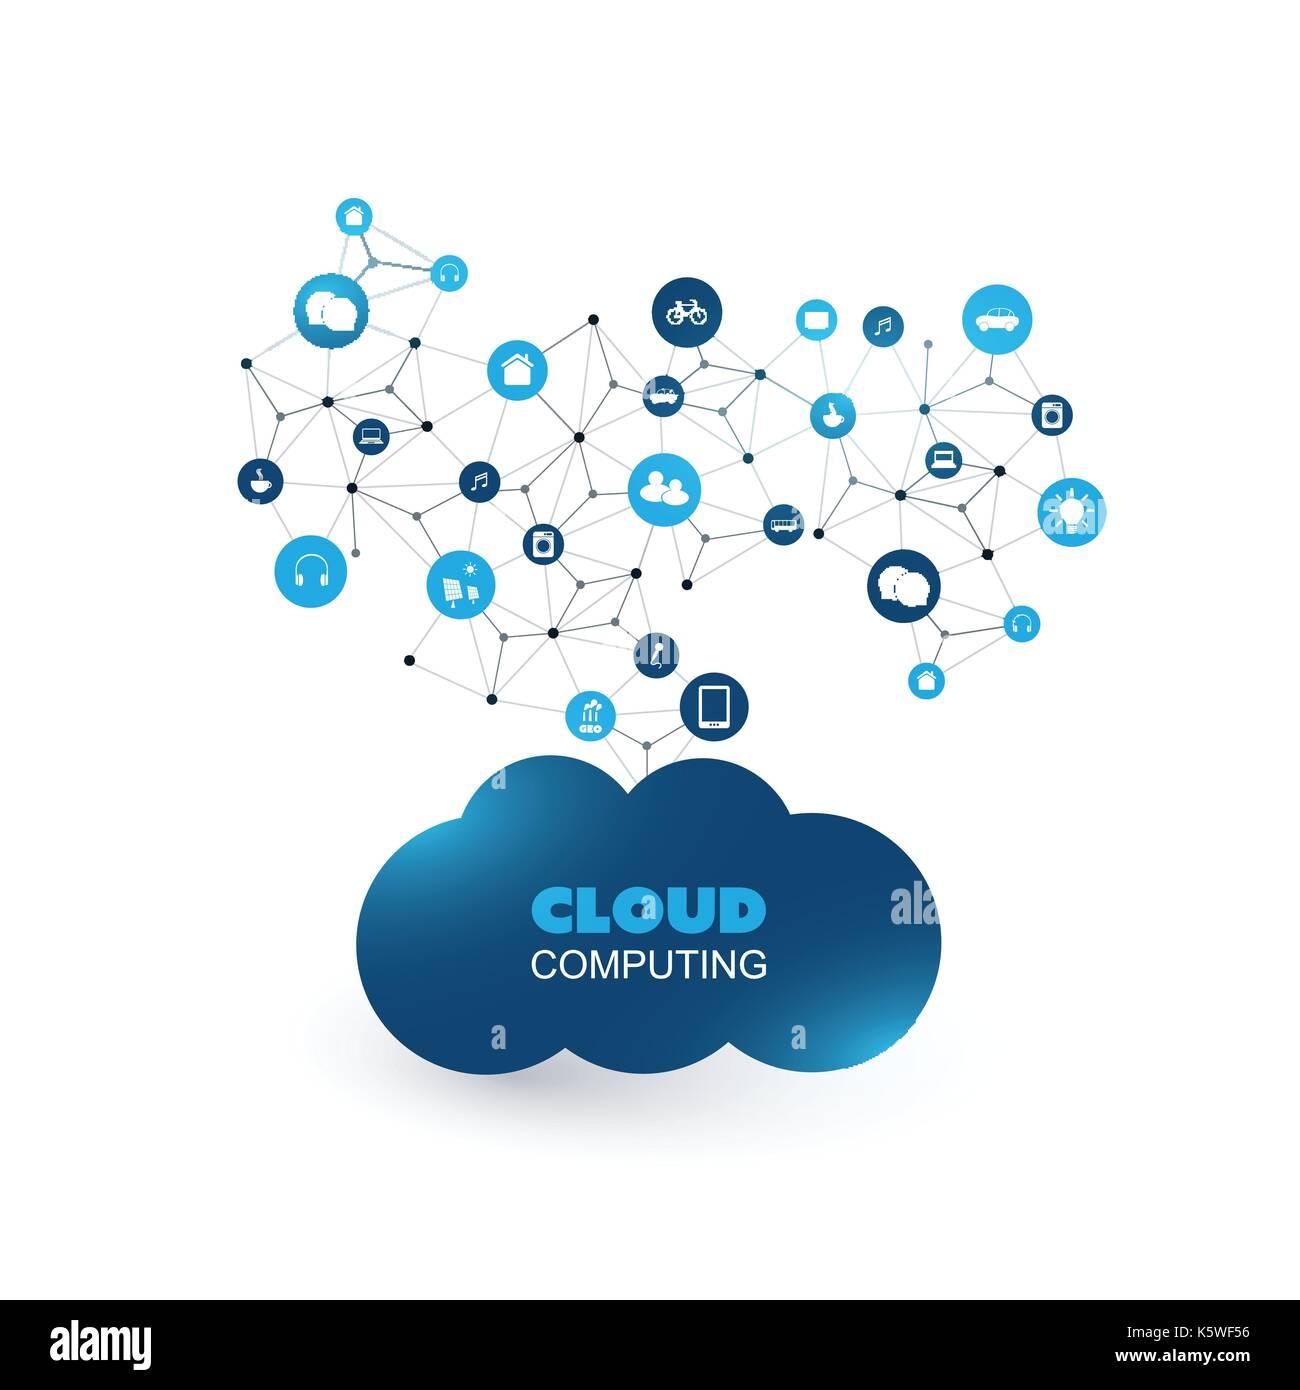 Cloud Computing, iot, iiot, Networking, zukünftige Technologie ...